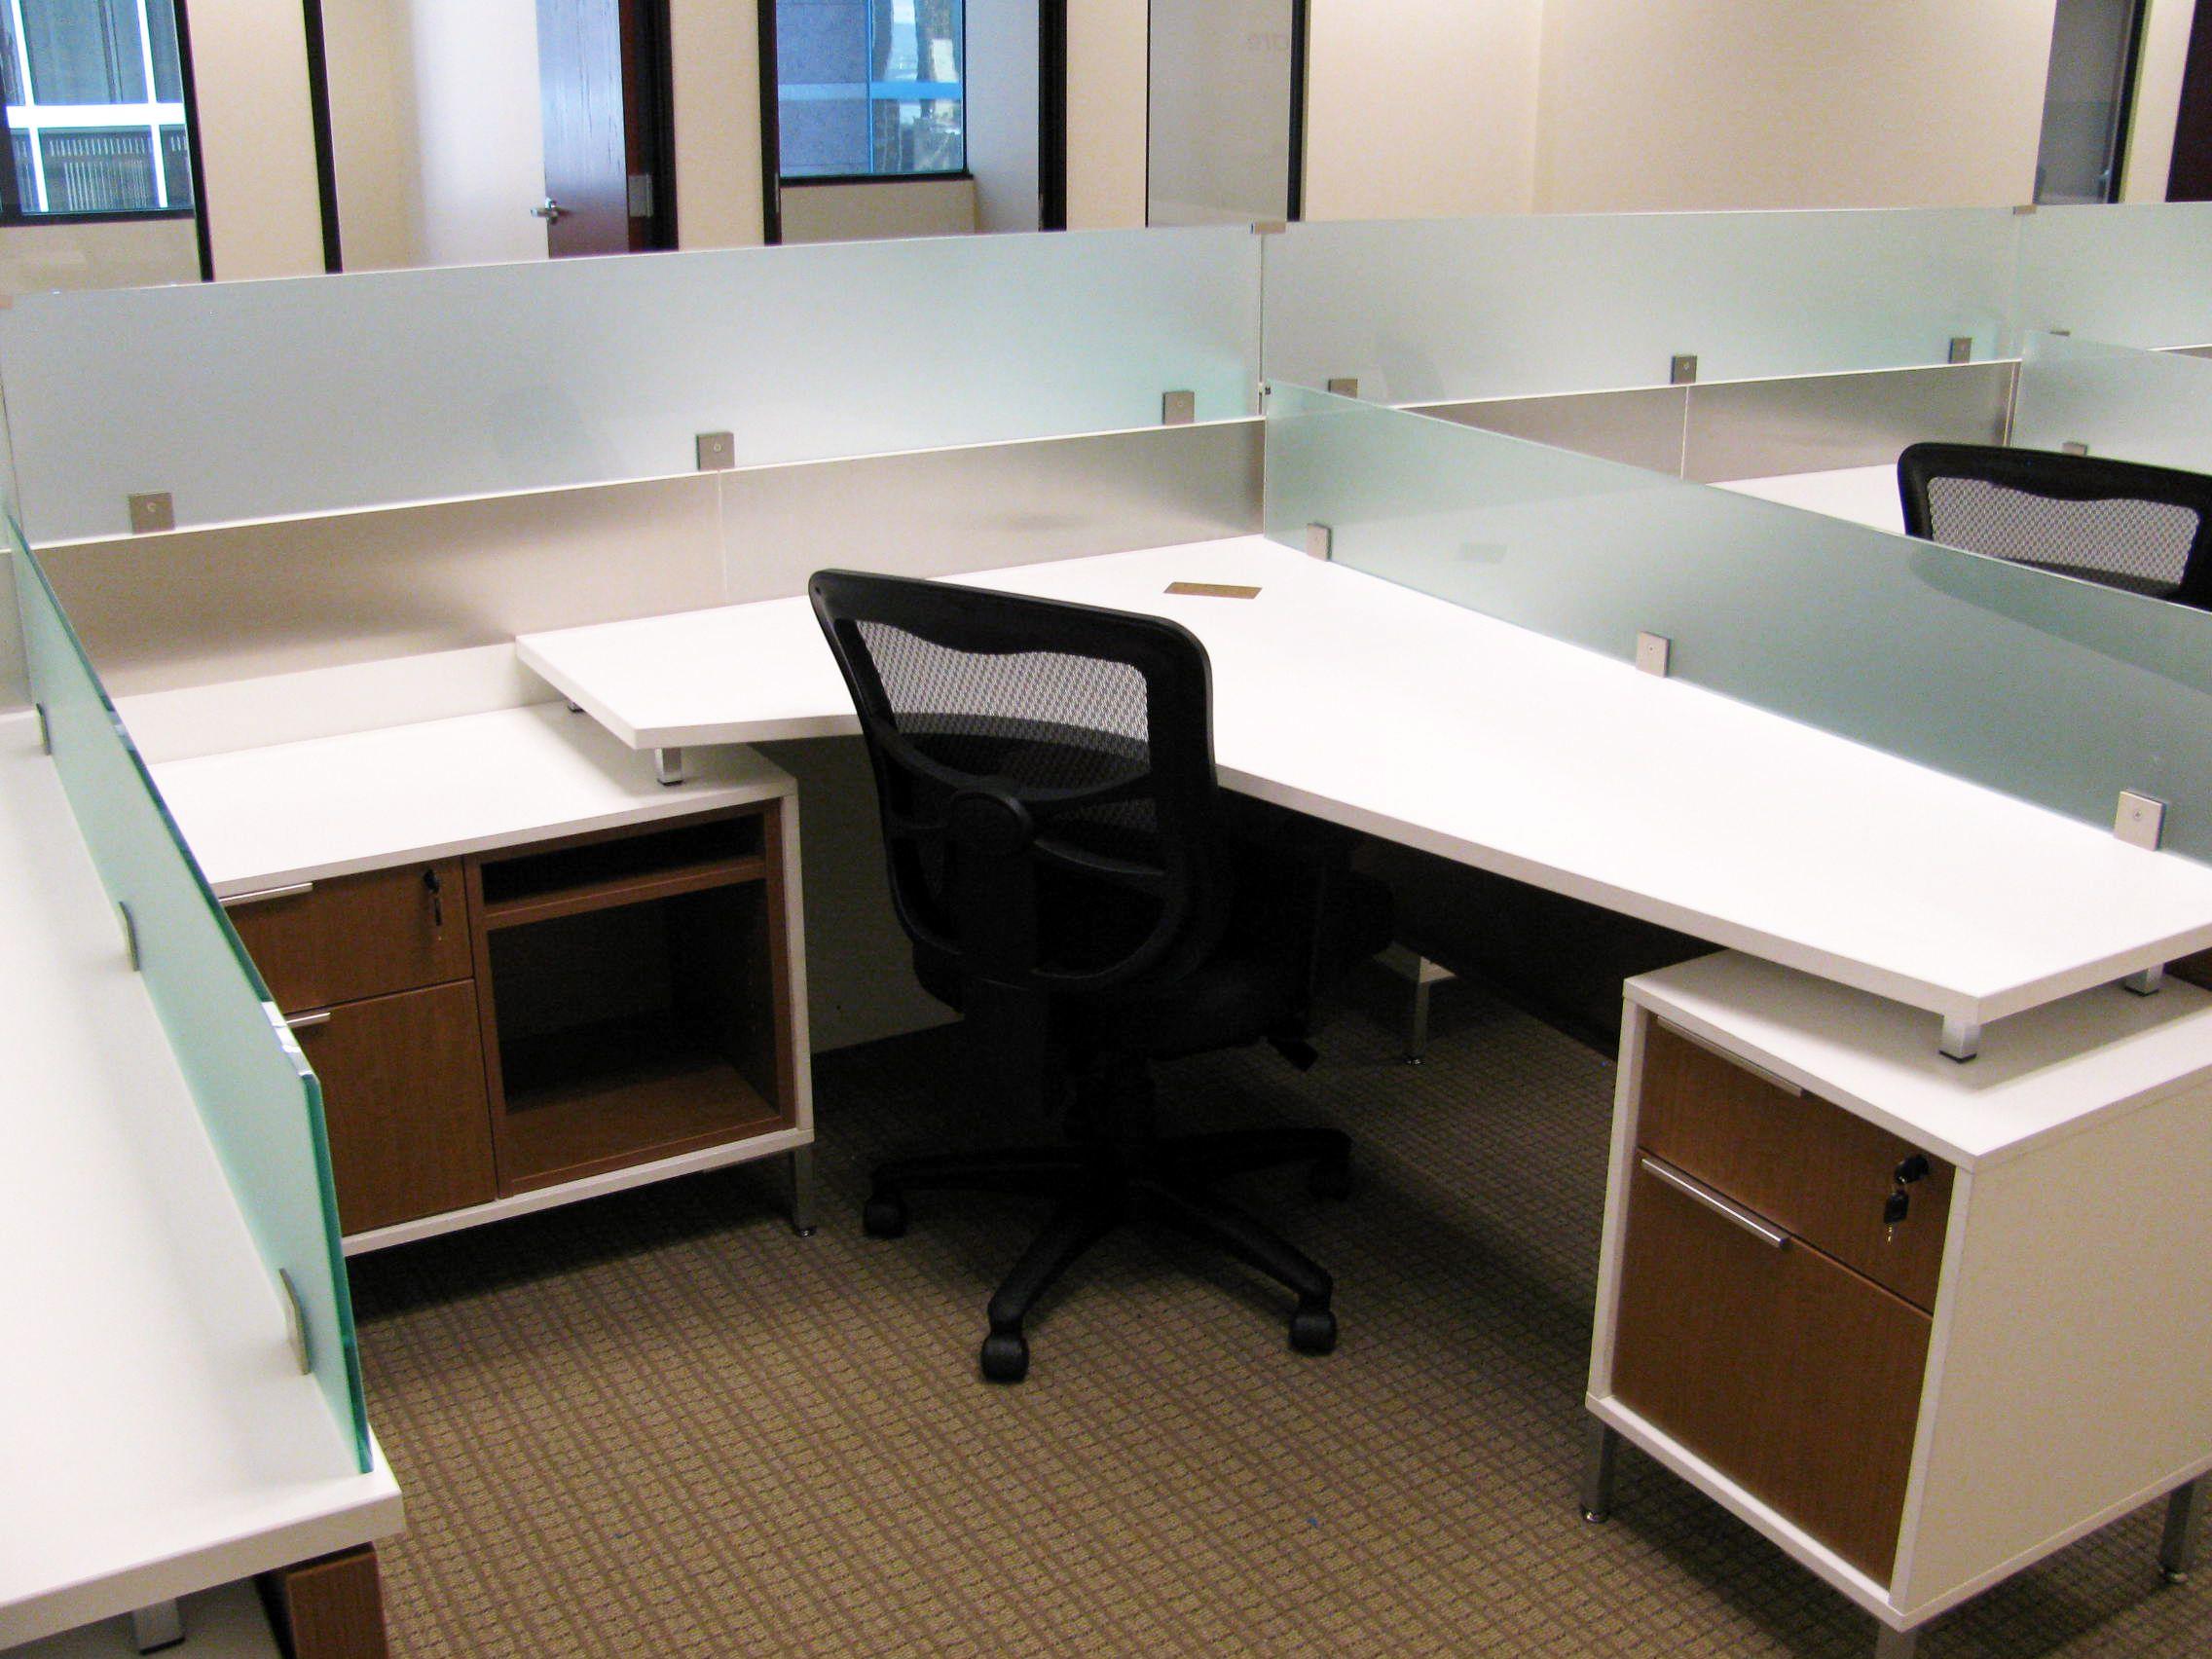 over the desk spanking stories desk design ideas. Black Bedroom Furniture Sets. Home Design Ideas